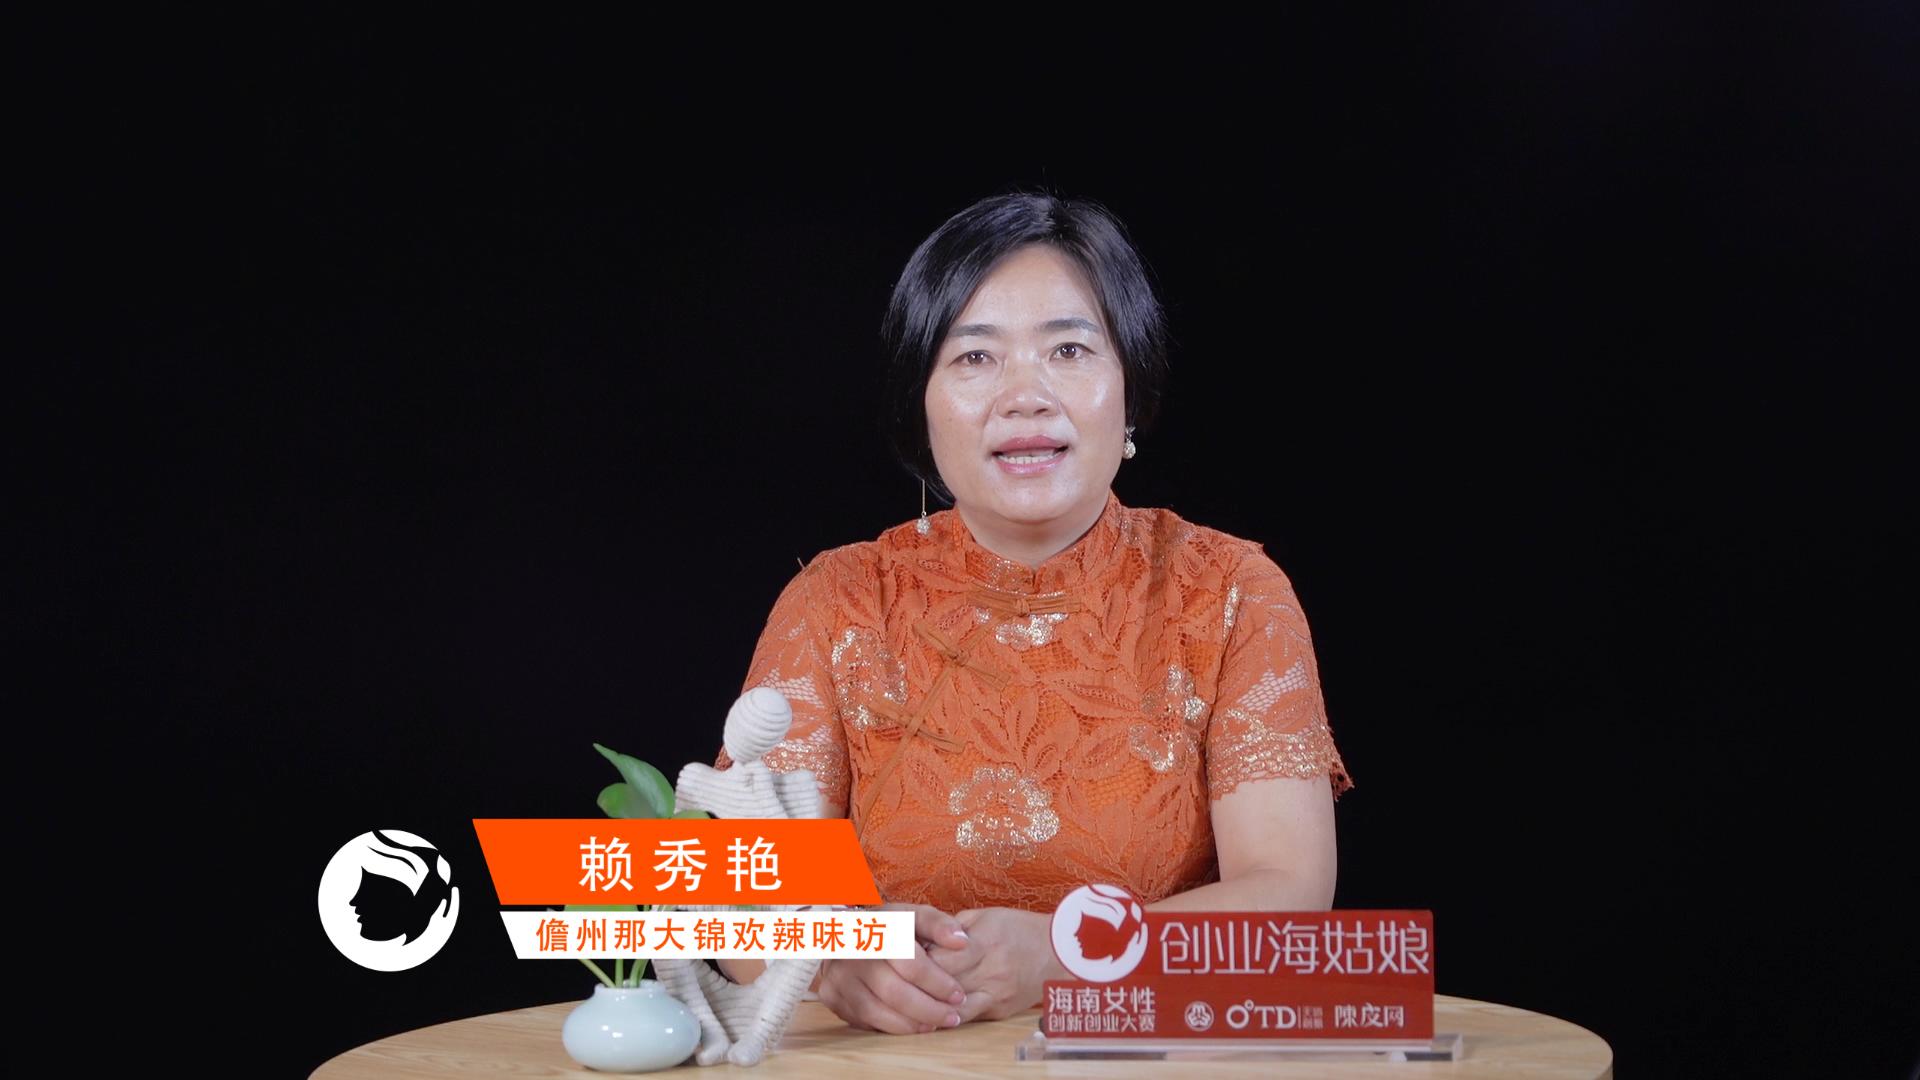 创业海姑娘|锦欢腊味赖秀艳,弘扬儋耳特色美食